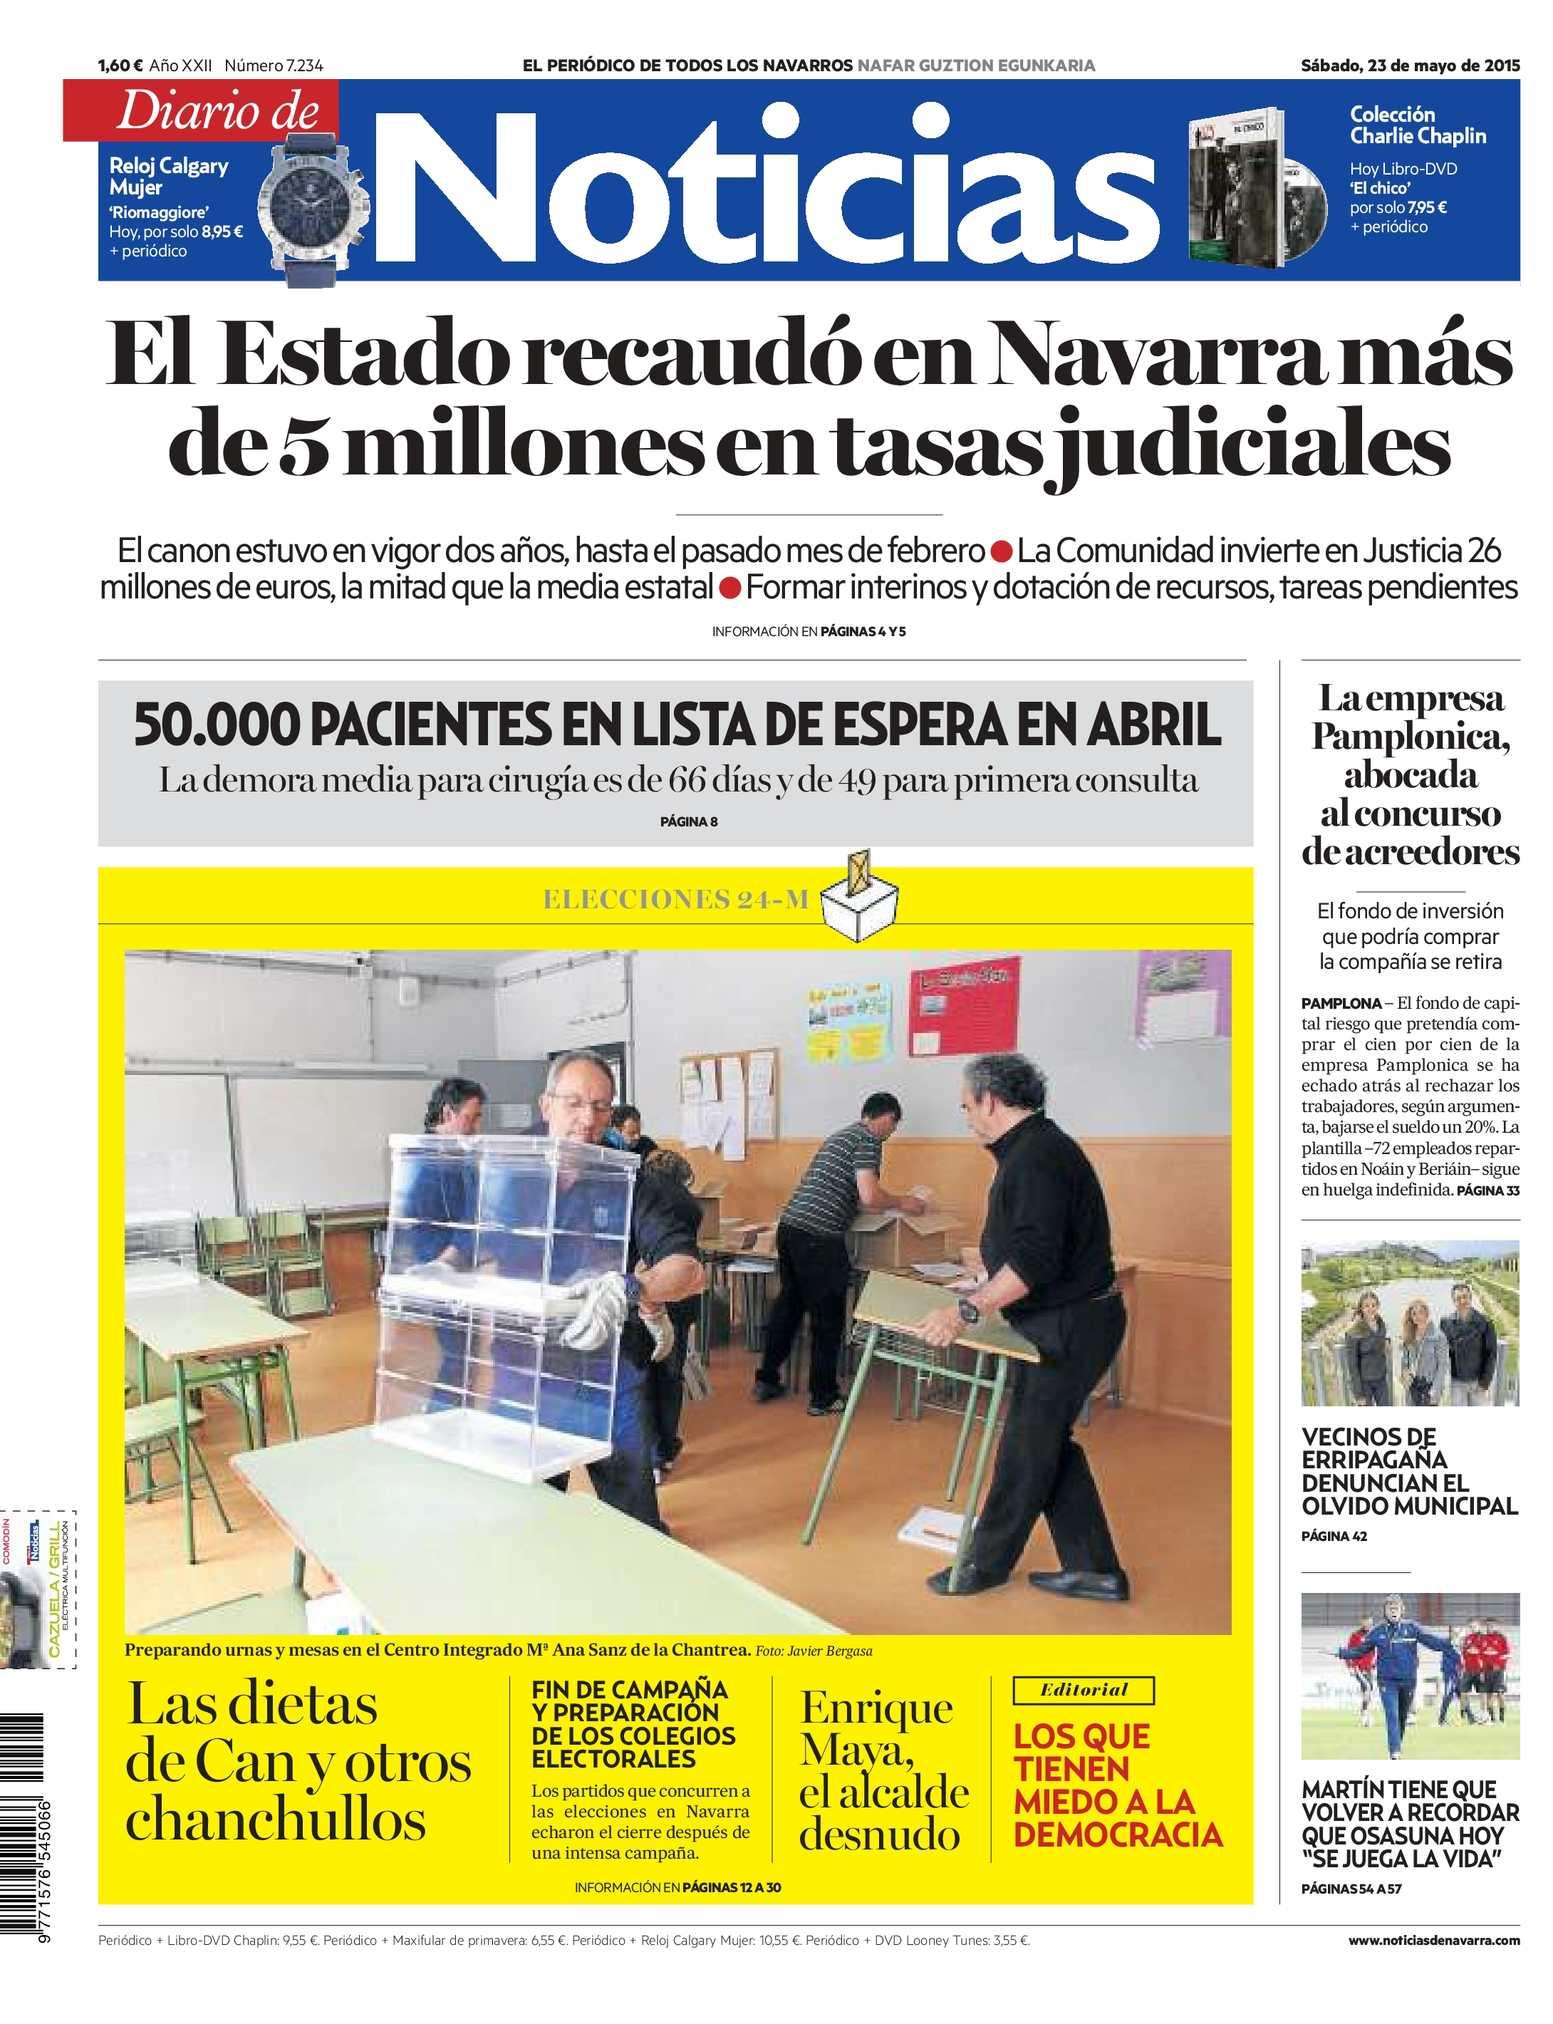 Calaméo - Diario de Noticias 20150523 cedcf18d033